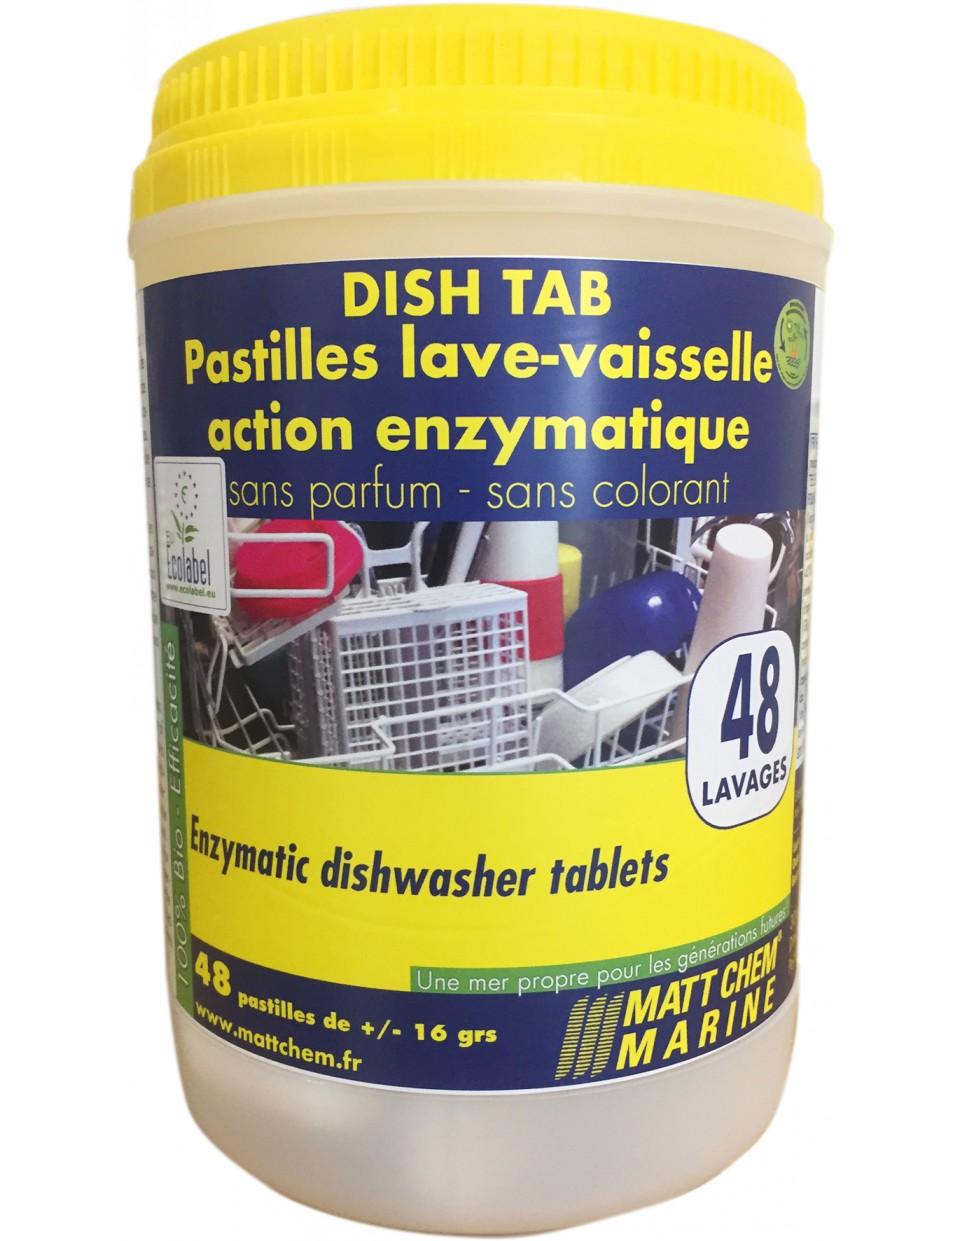 DISH TAB